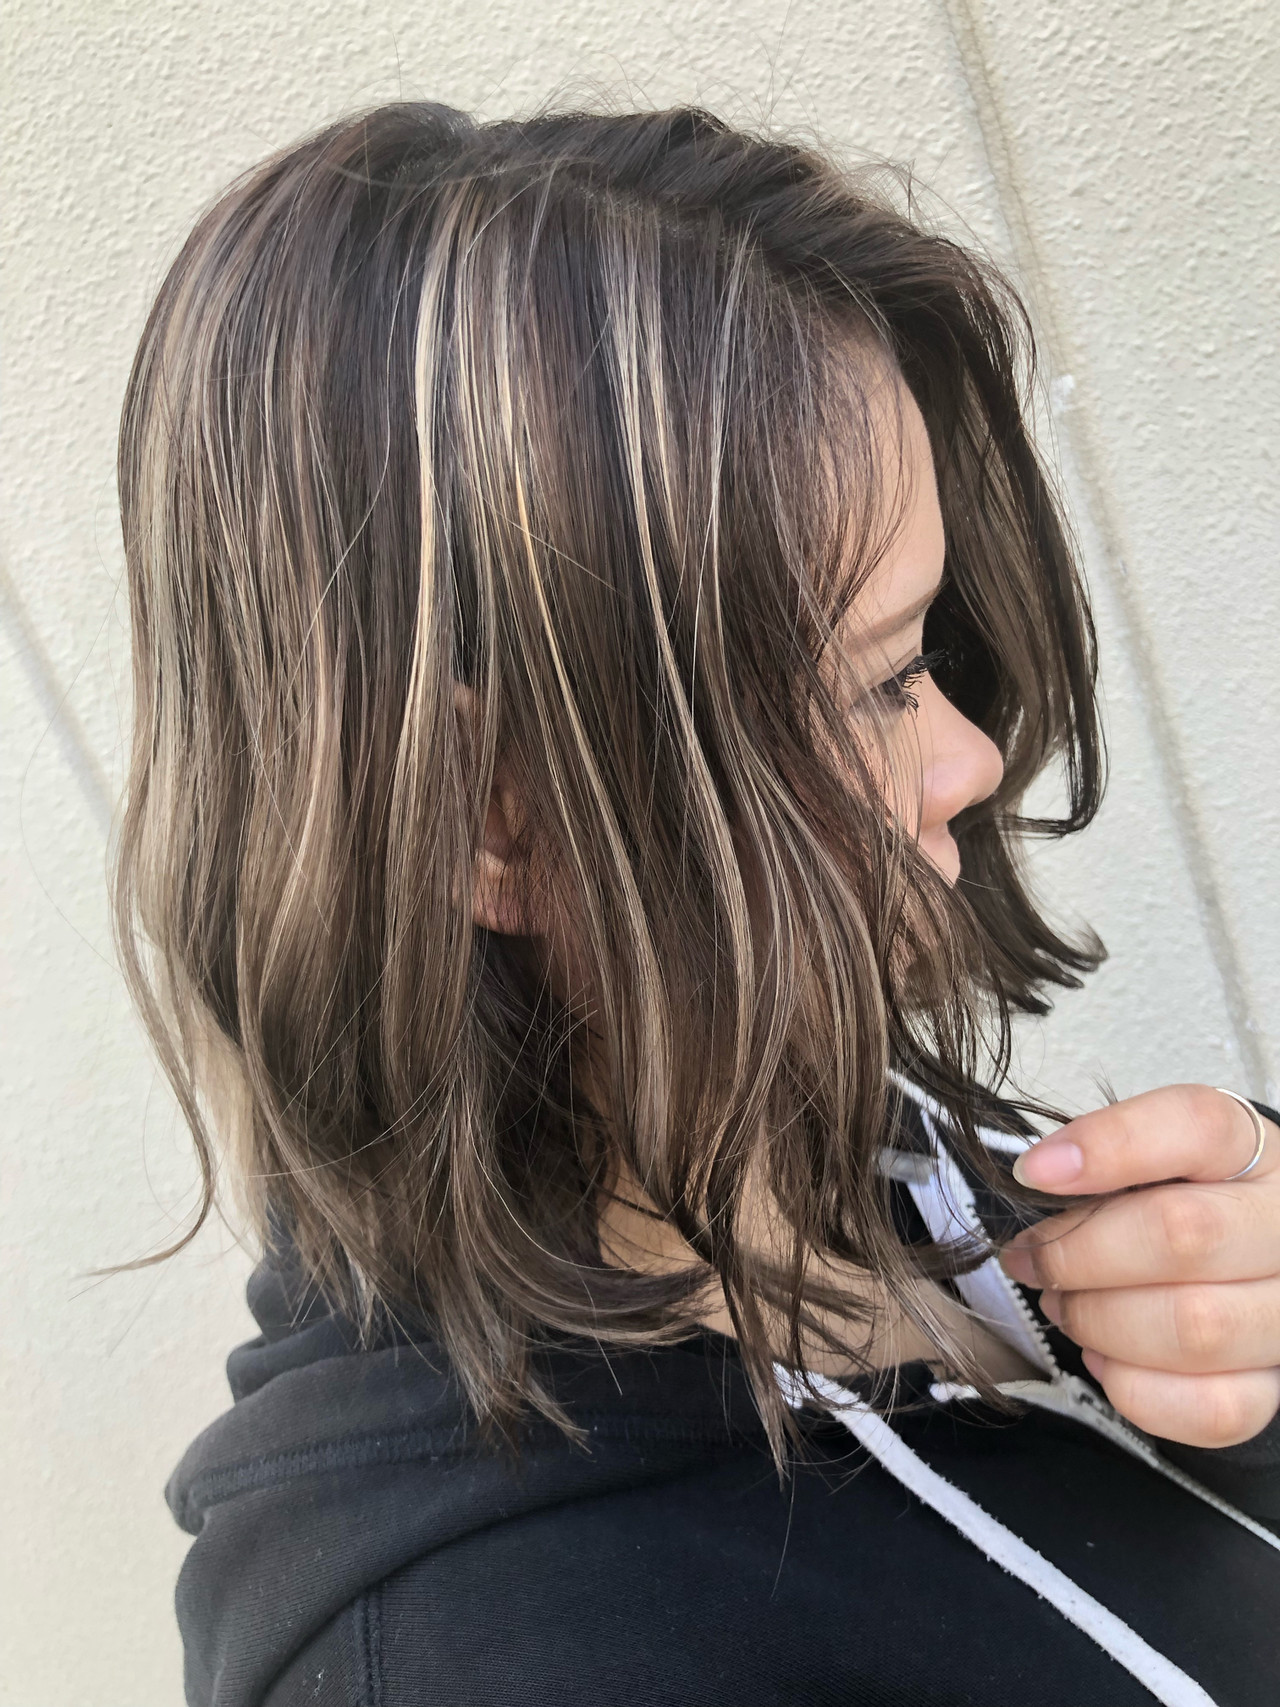 ボブ 外国人風カラー ハイライト グラデーションカラー ヘアスタイルや髪型の写真・画像 | 筒井 隆由 / Hair salon mode